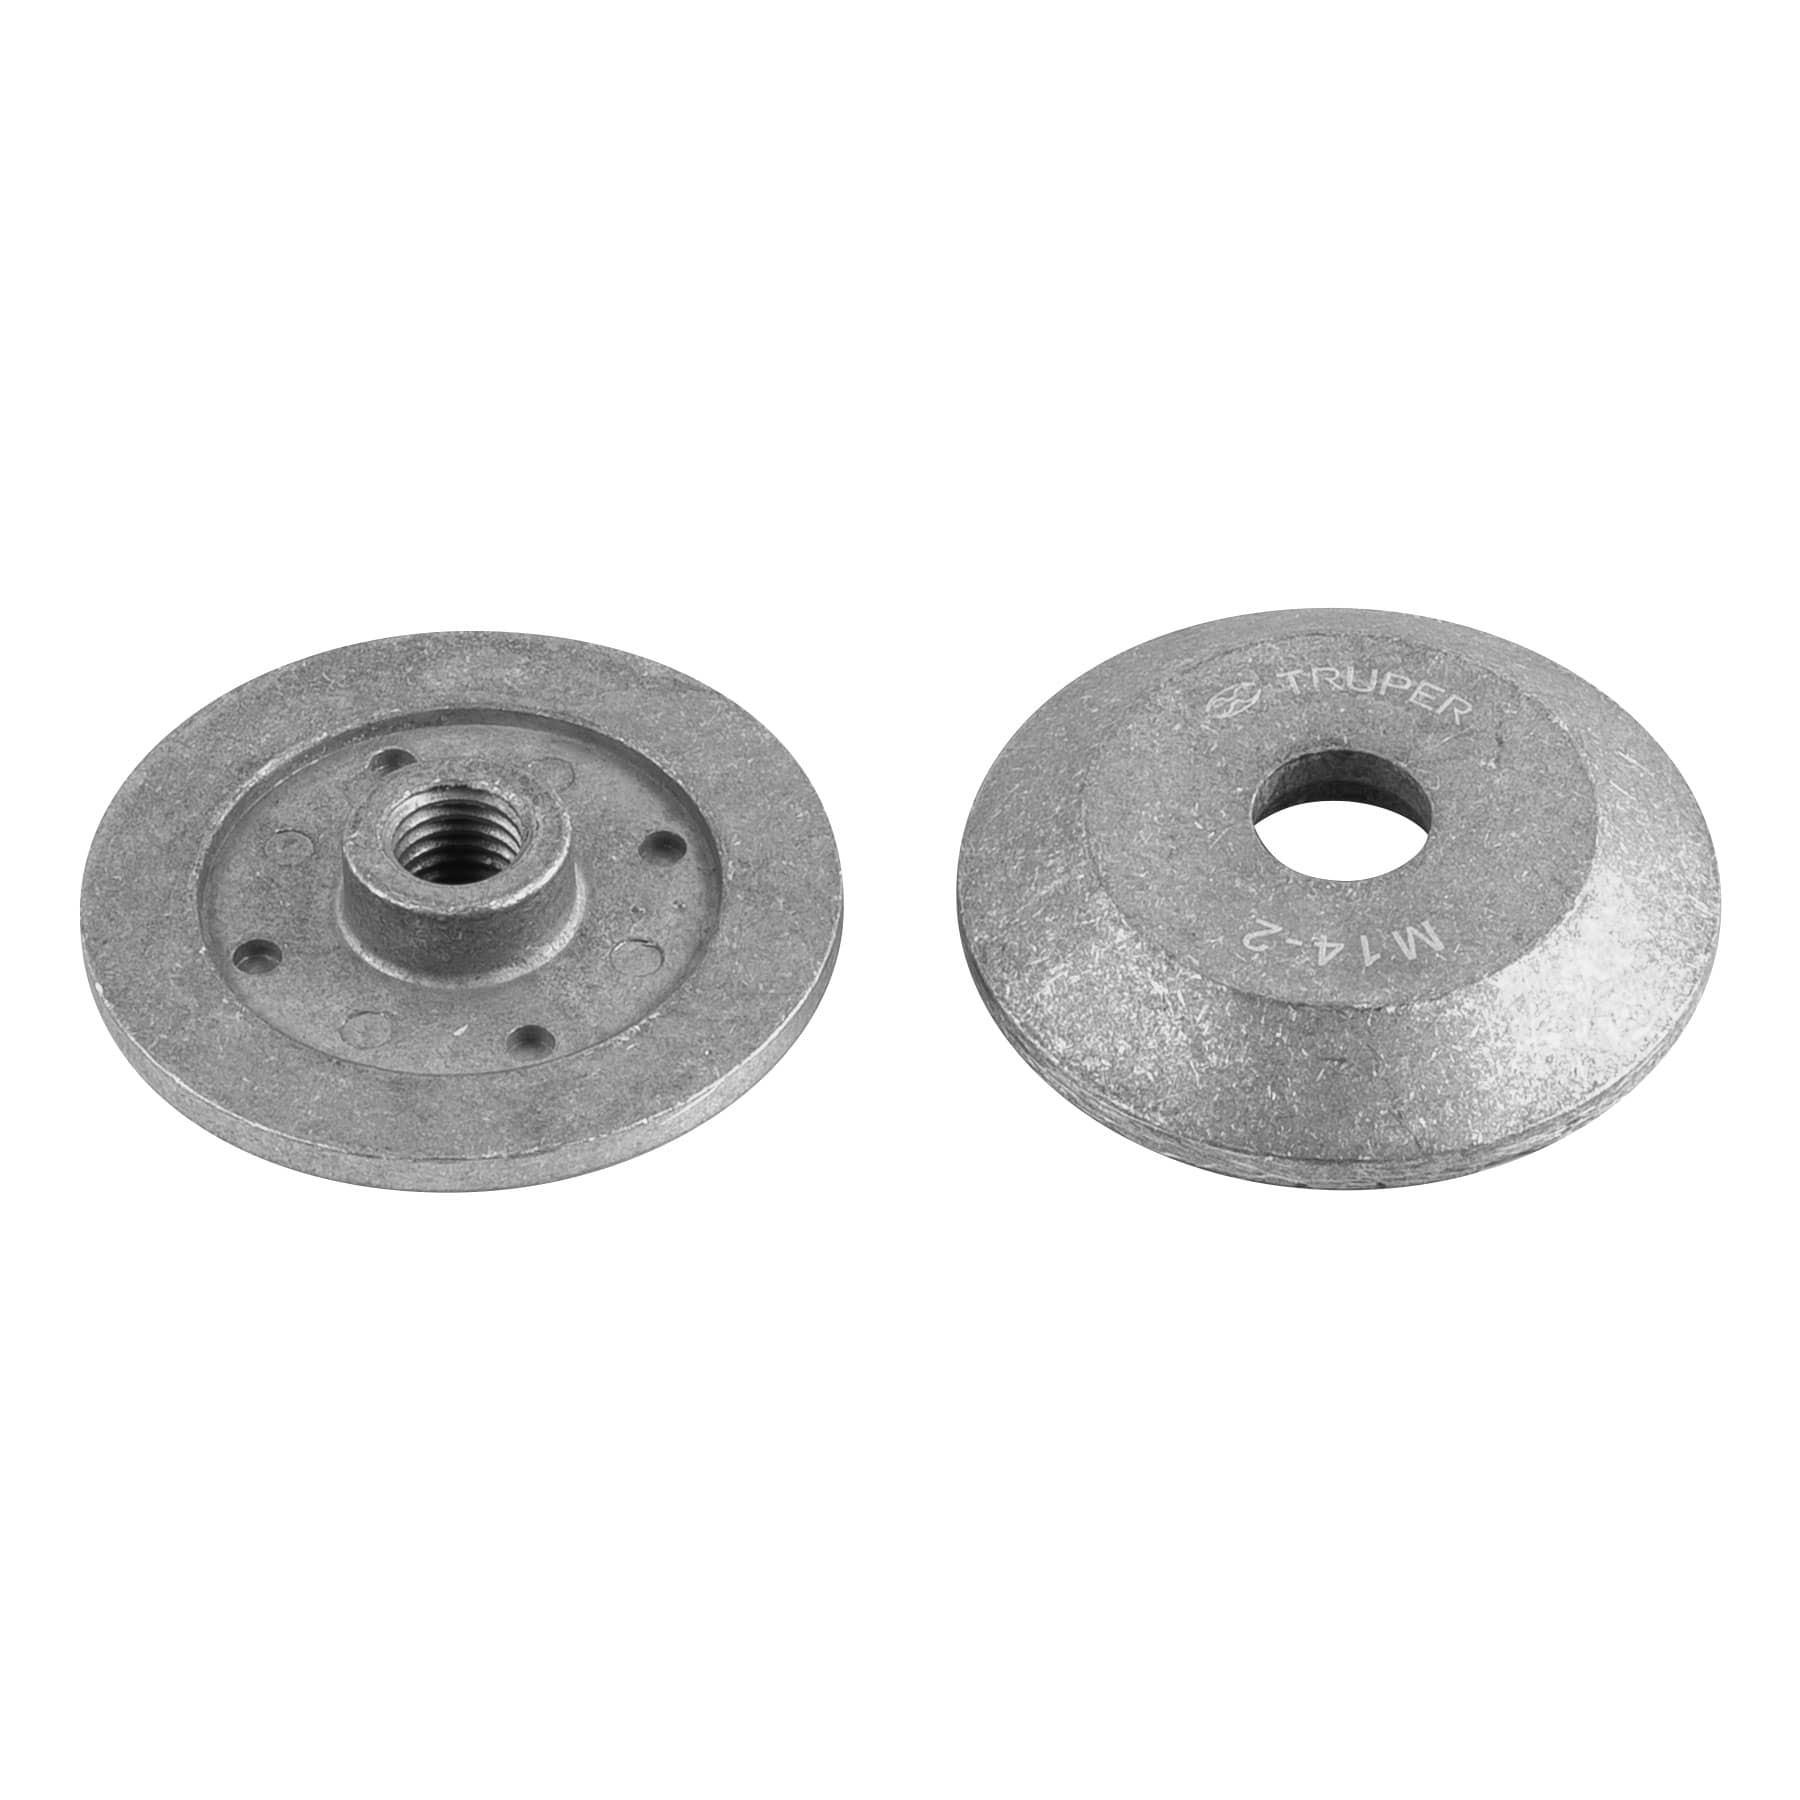 Adaptador para discos tipo 41 rosca milimétrica M14-2.0 mm